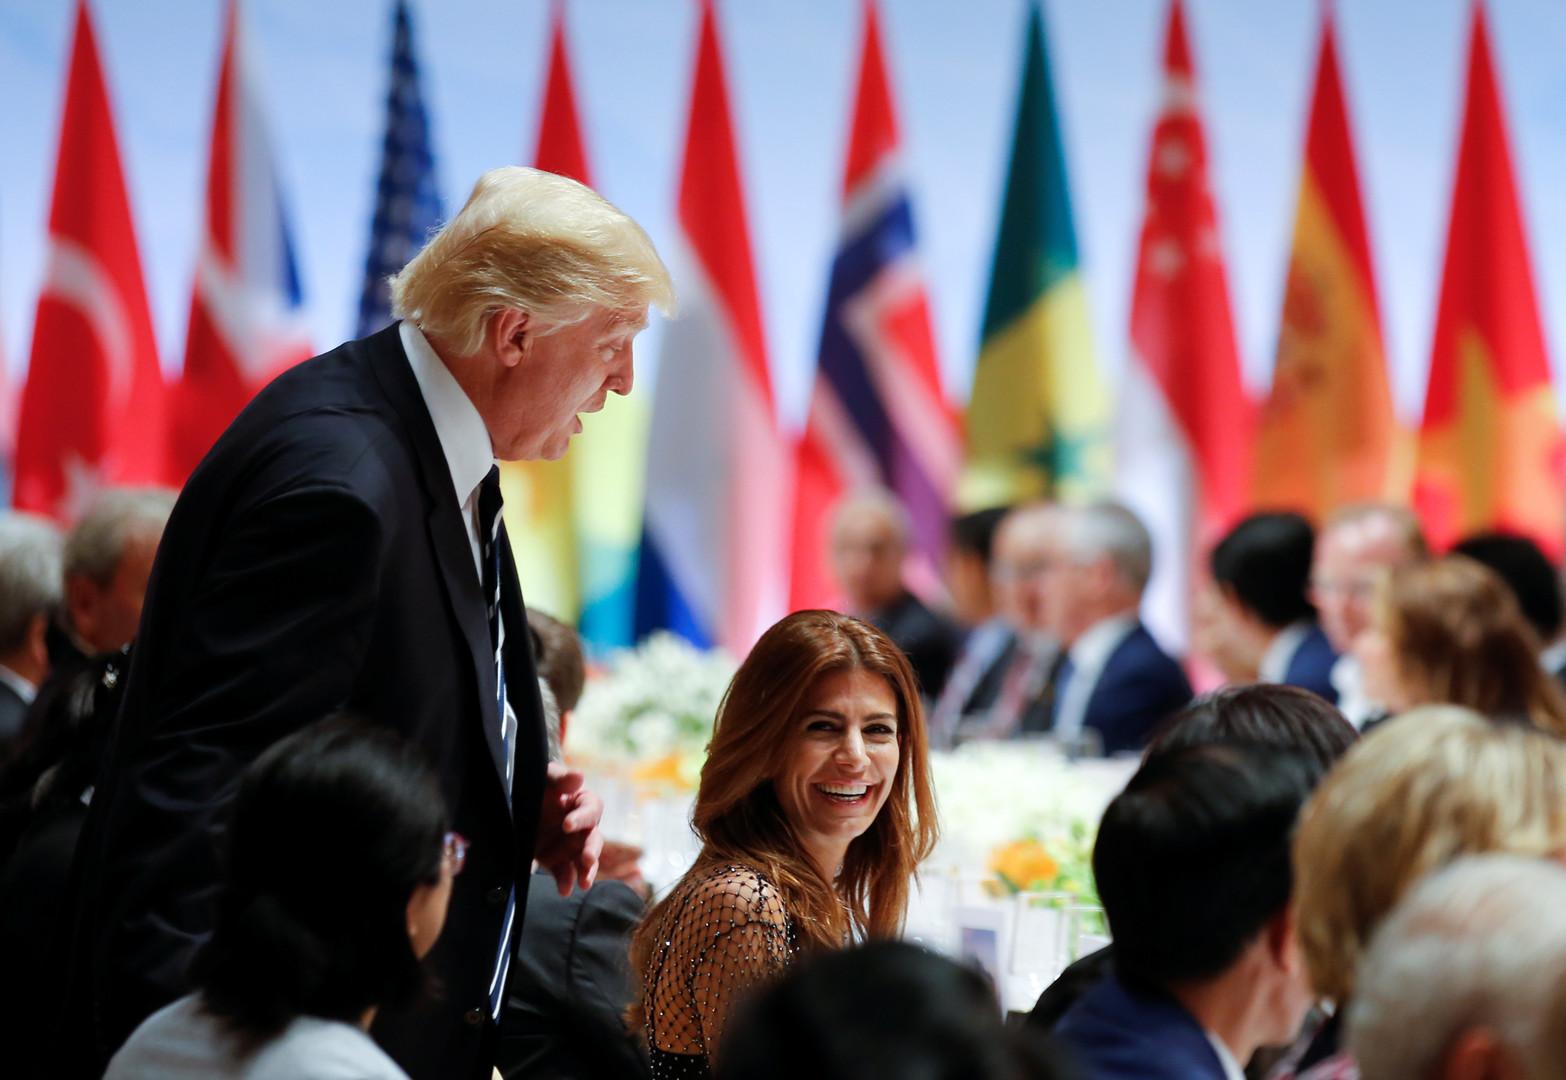 Les images du dîner du G20 laissent voir qui est assis à côté de Trump, Merkel ou Poutine